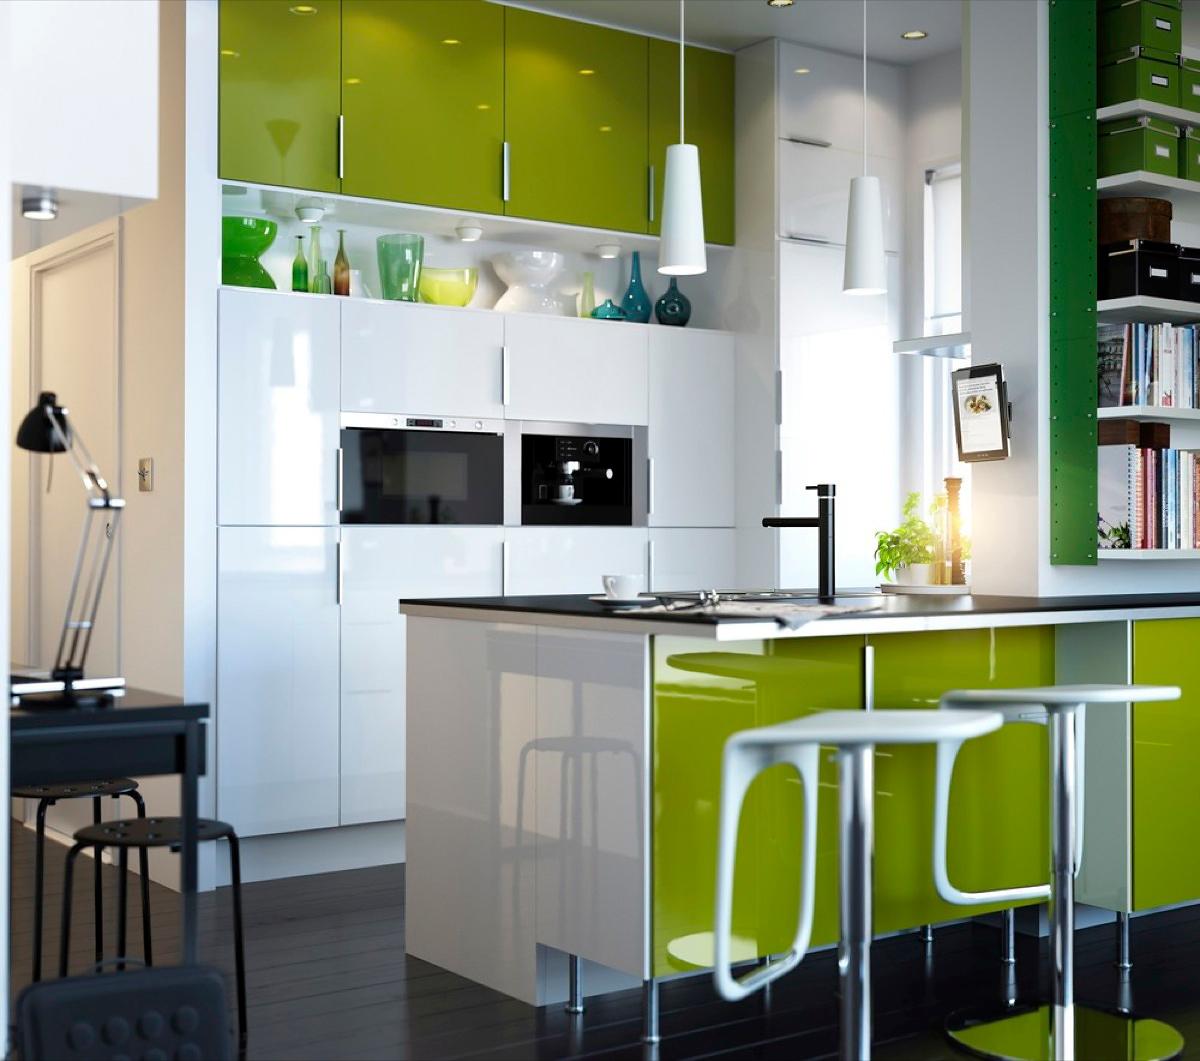 Маленькая кухня: как визуально увеличить пространство - фото №4